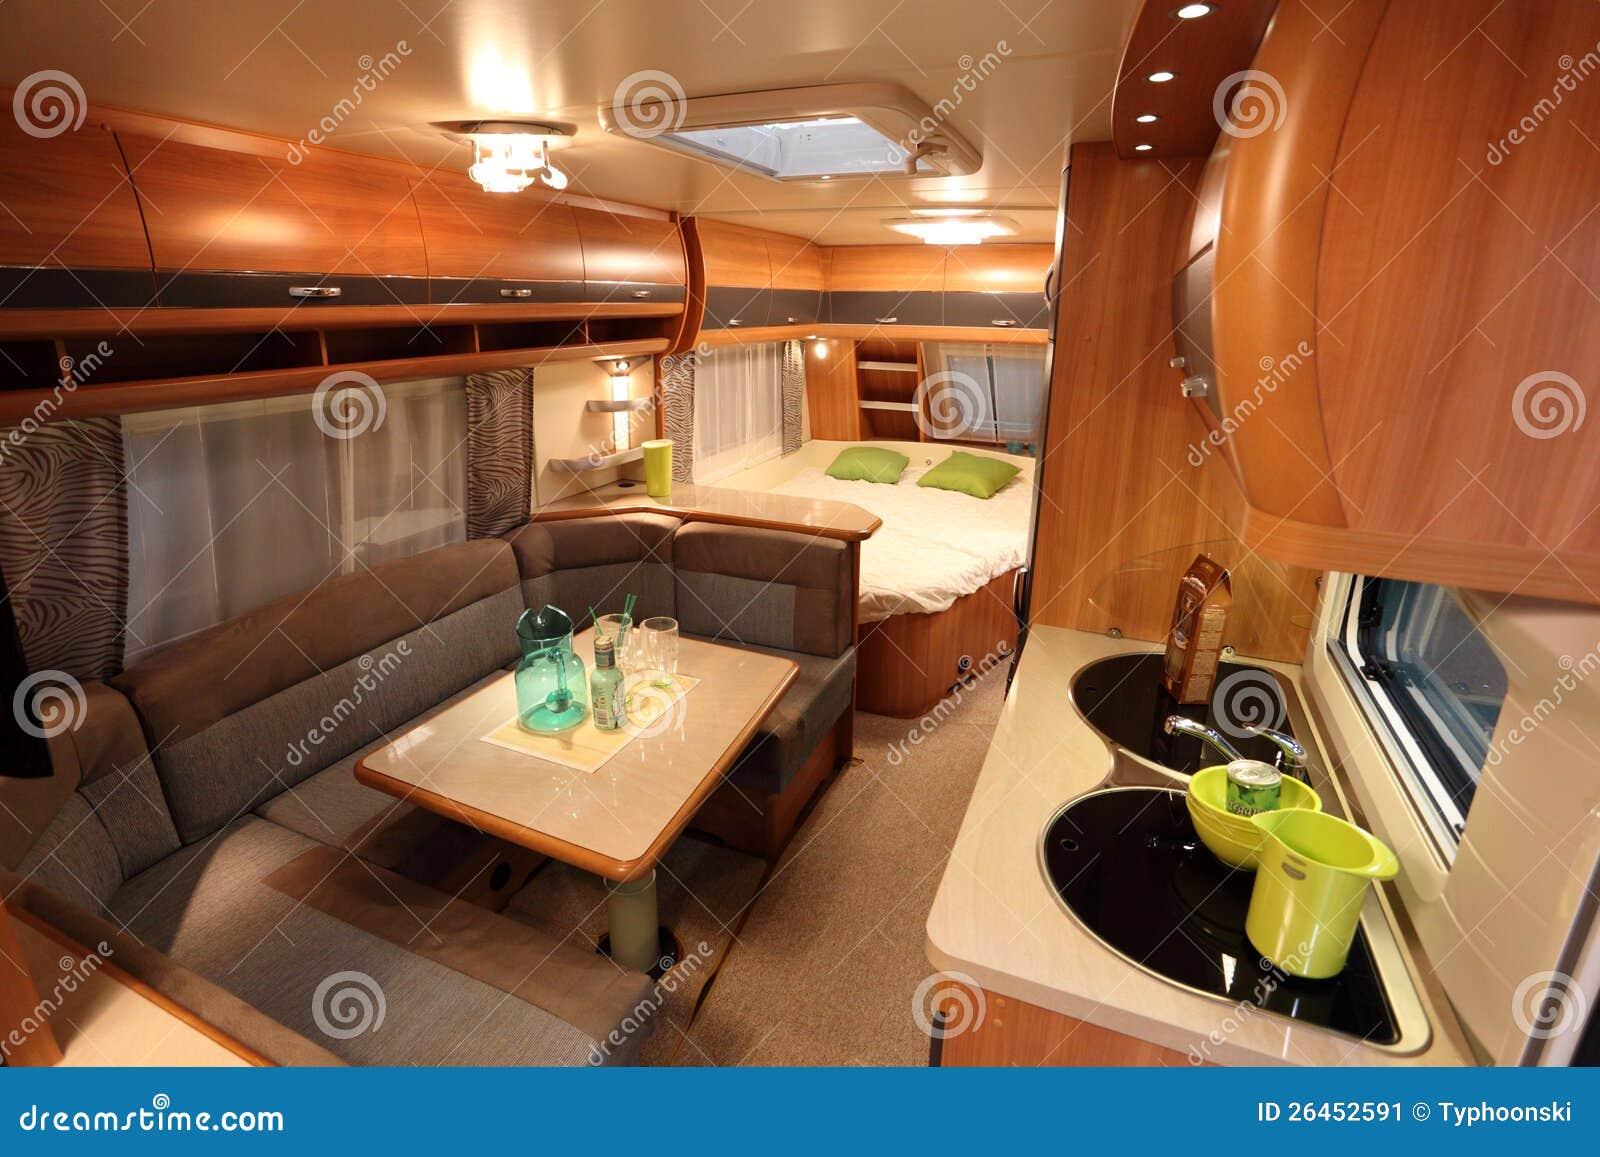 Interieur Dun Camping Car Moderne Photo Editorial